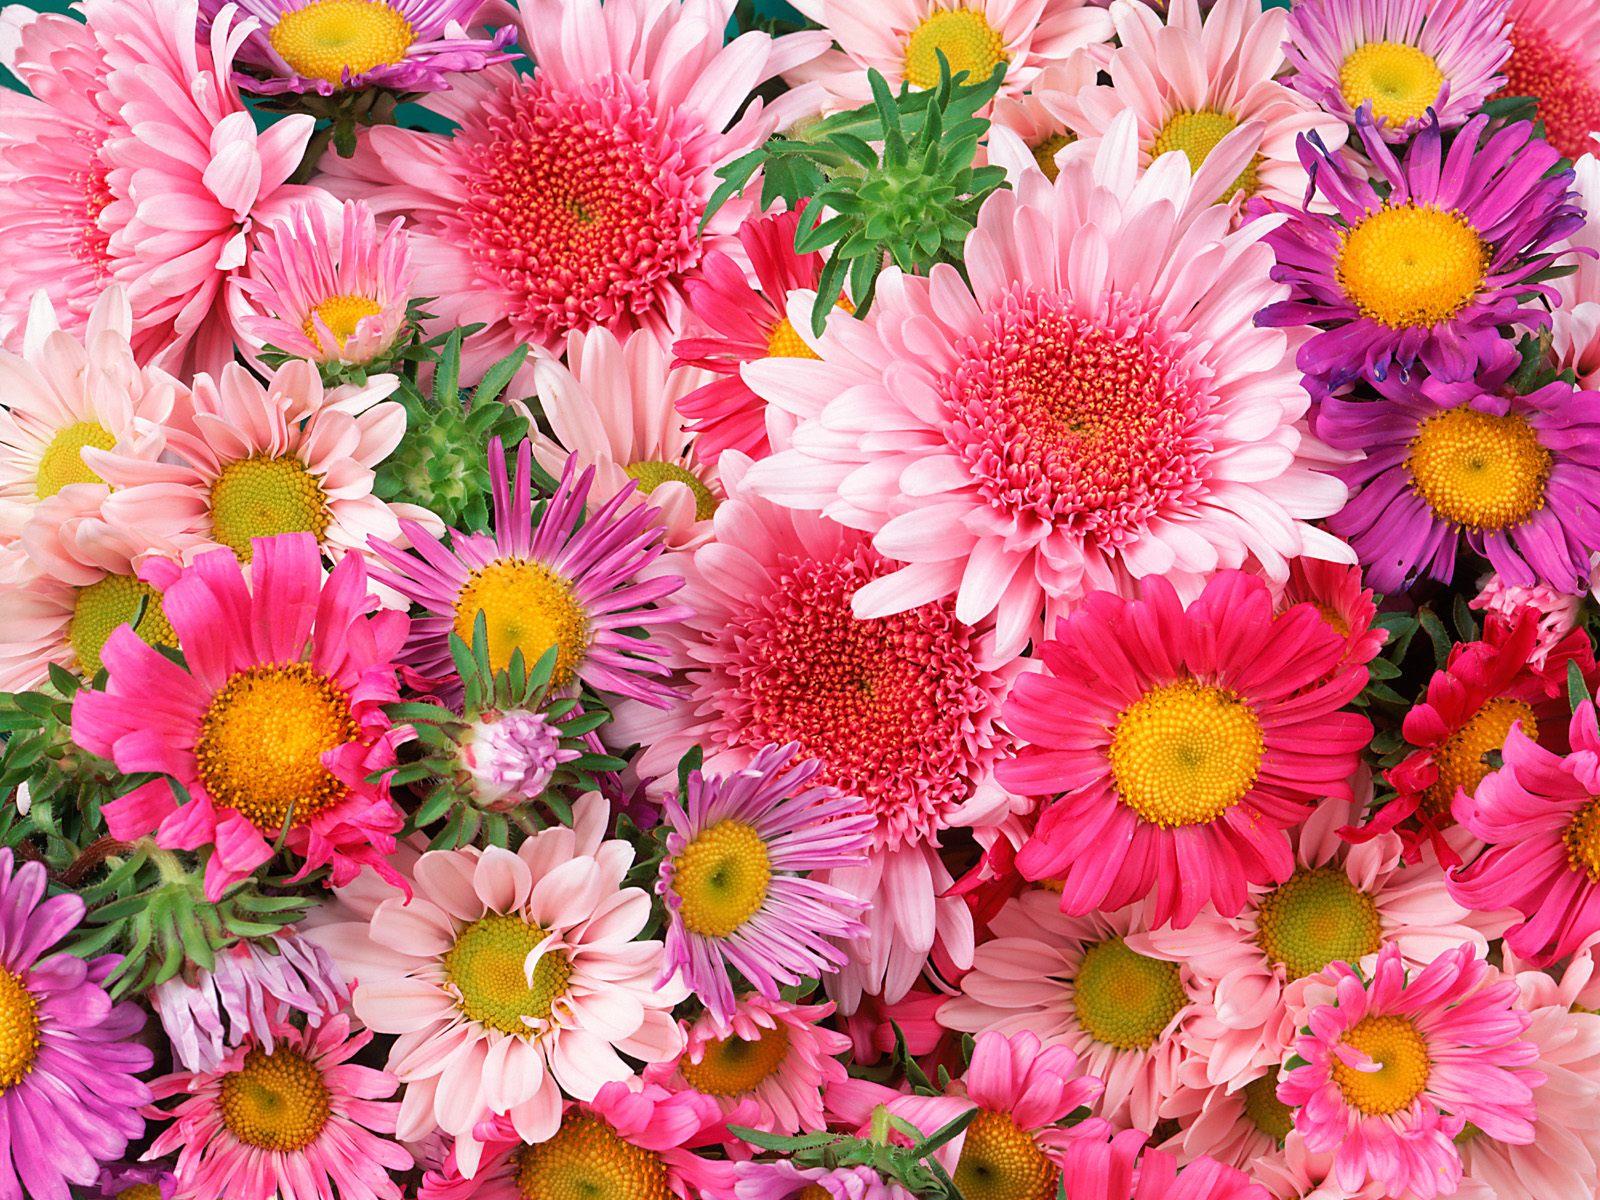 வால்பேப்பர்கள் ( flowers wallpapers ) - Page 5 Flowers_9b5cbdcd